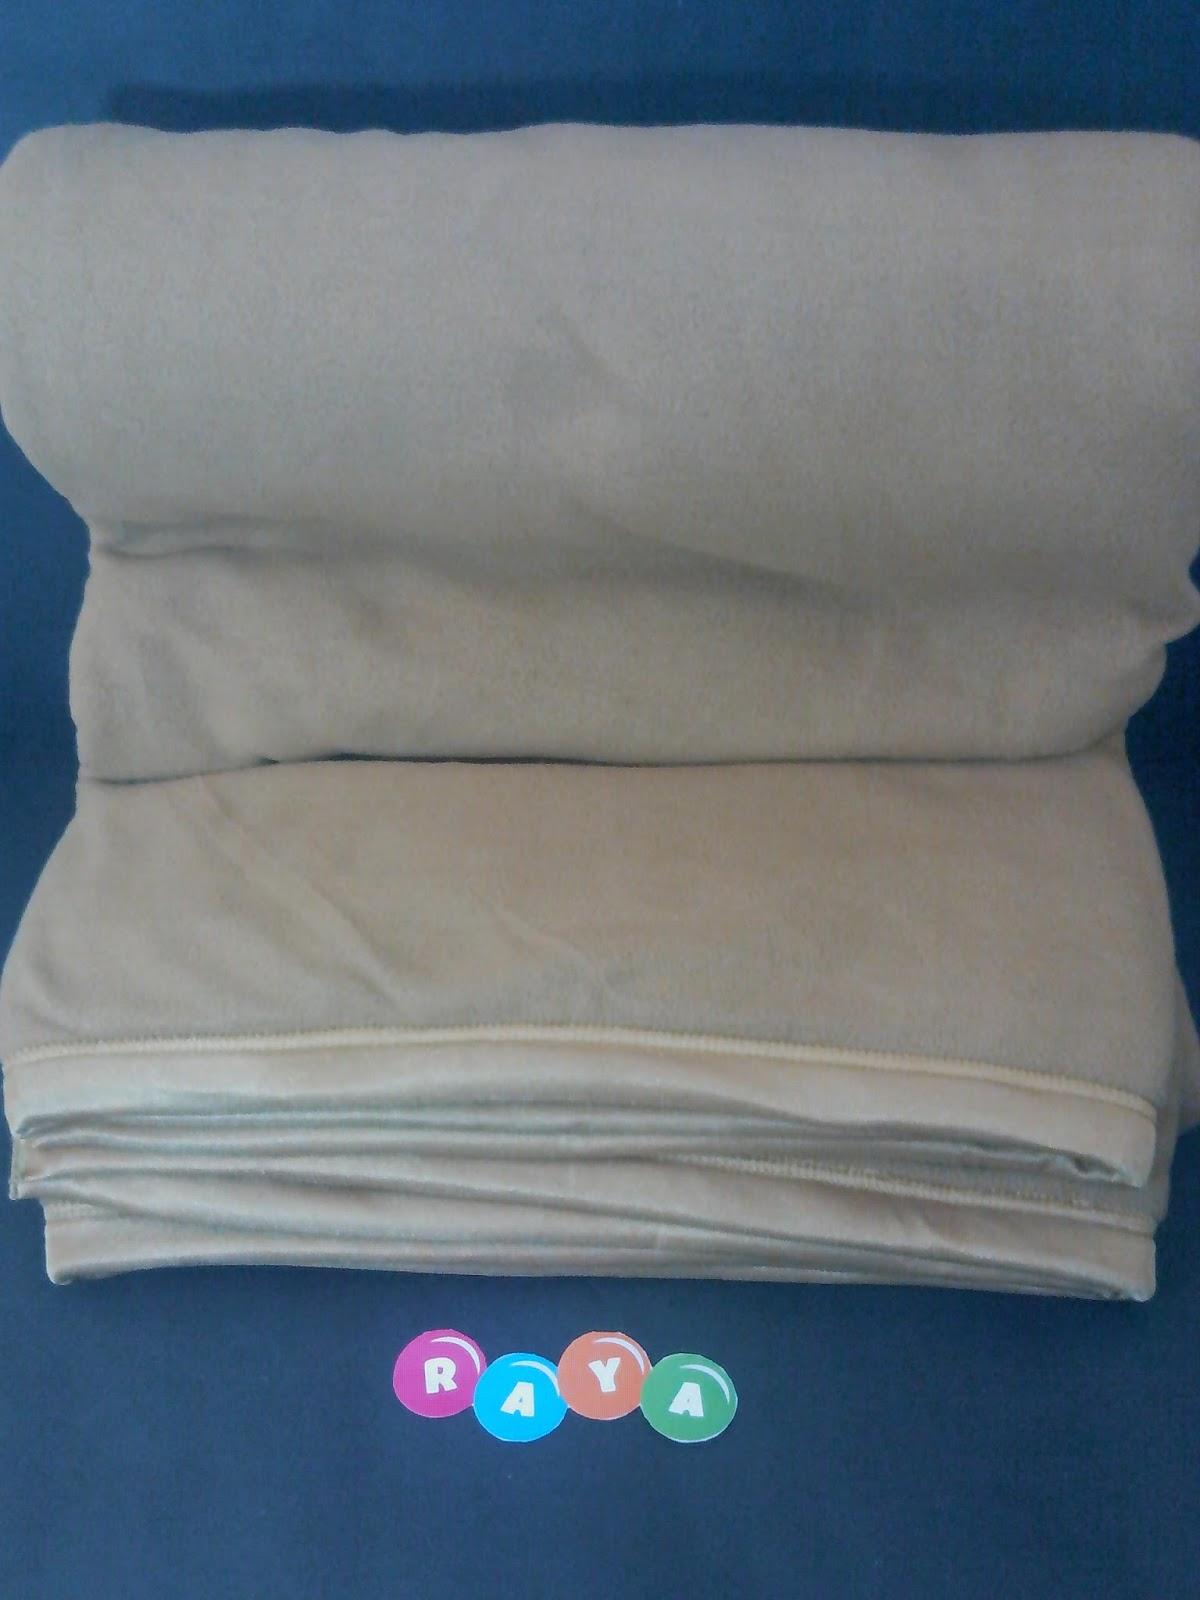 Ud Raya Amenities 0813 1742 1562 Blanket Tebal Selimut Sabun Hotel